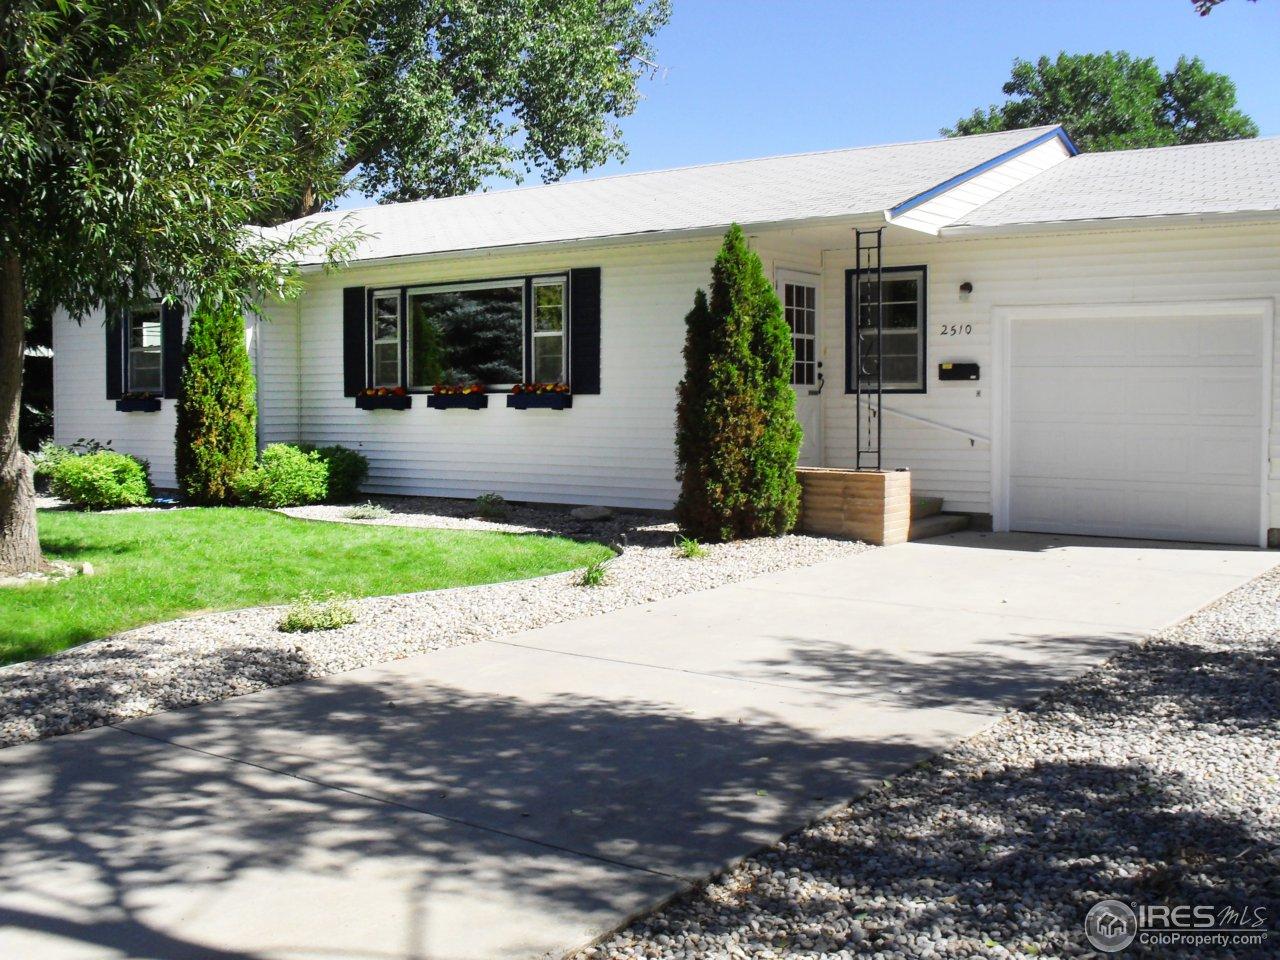 2510 Cedar Dr, Loveland CO 80538